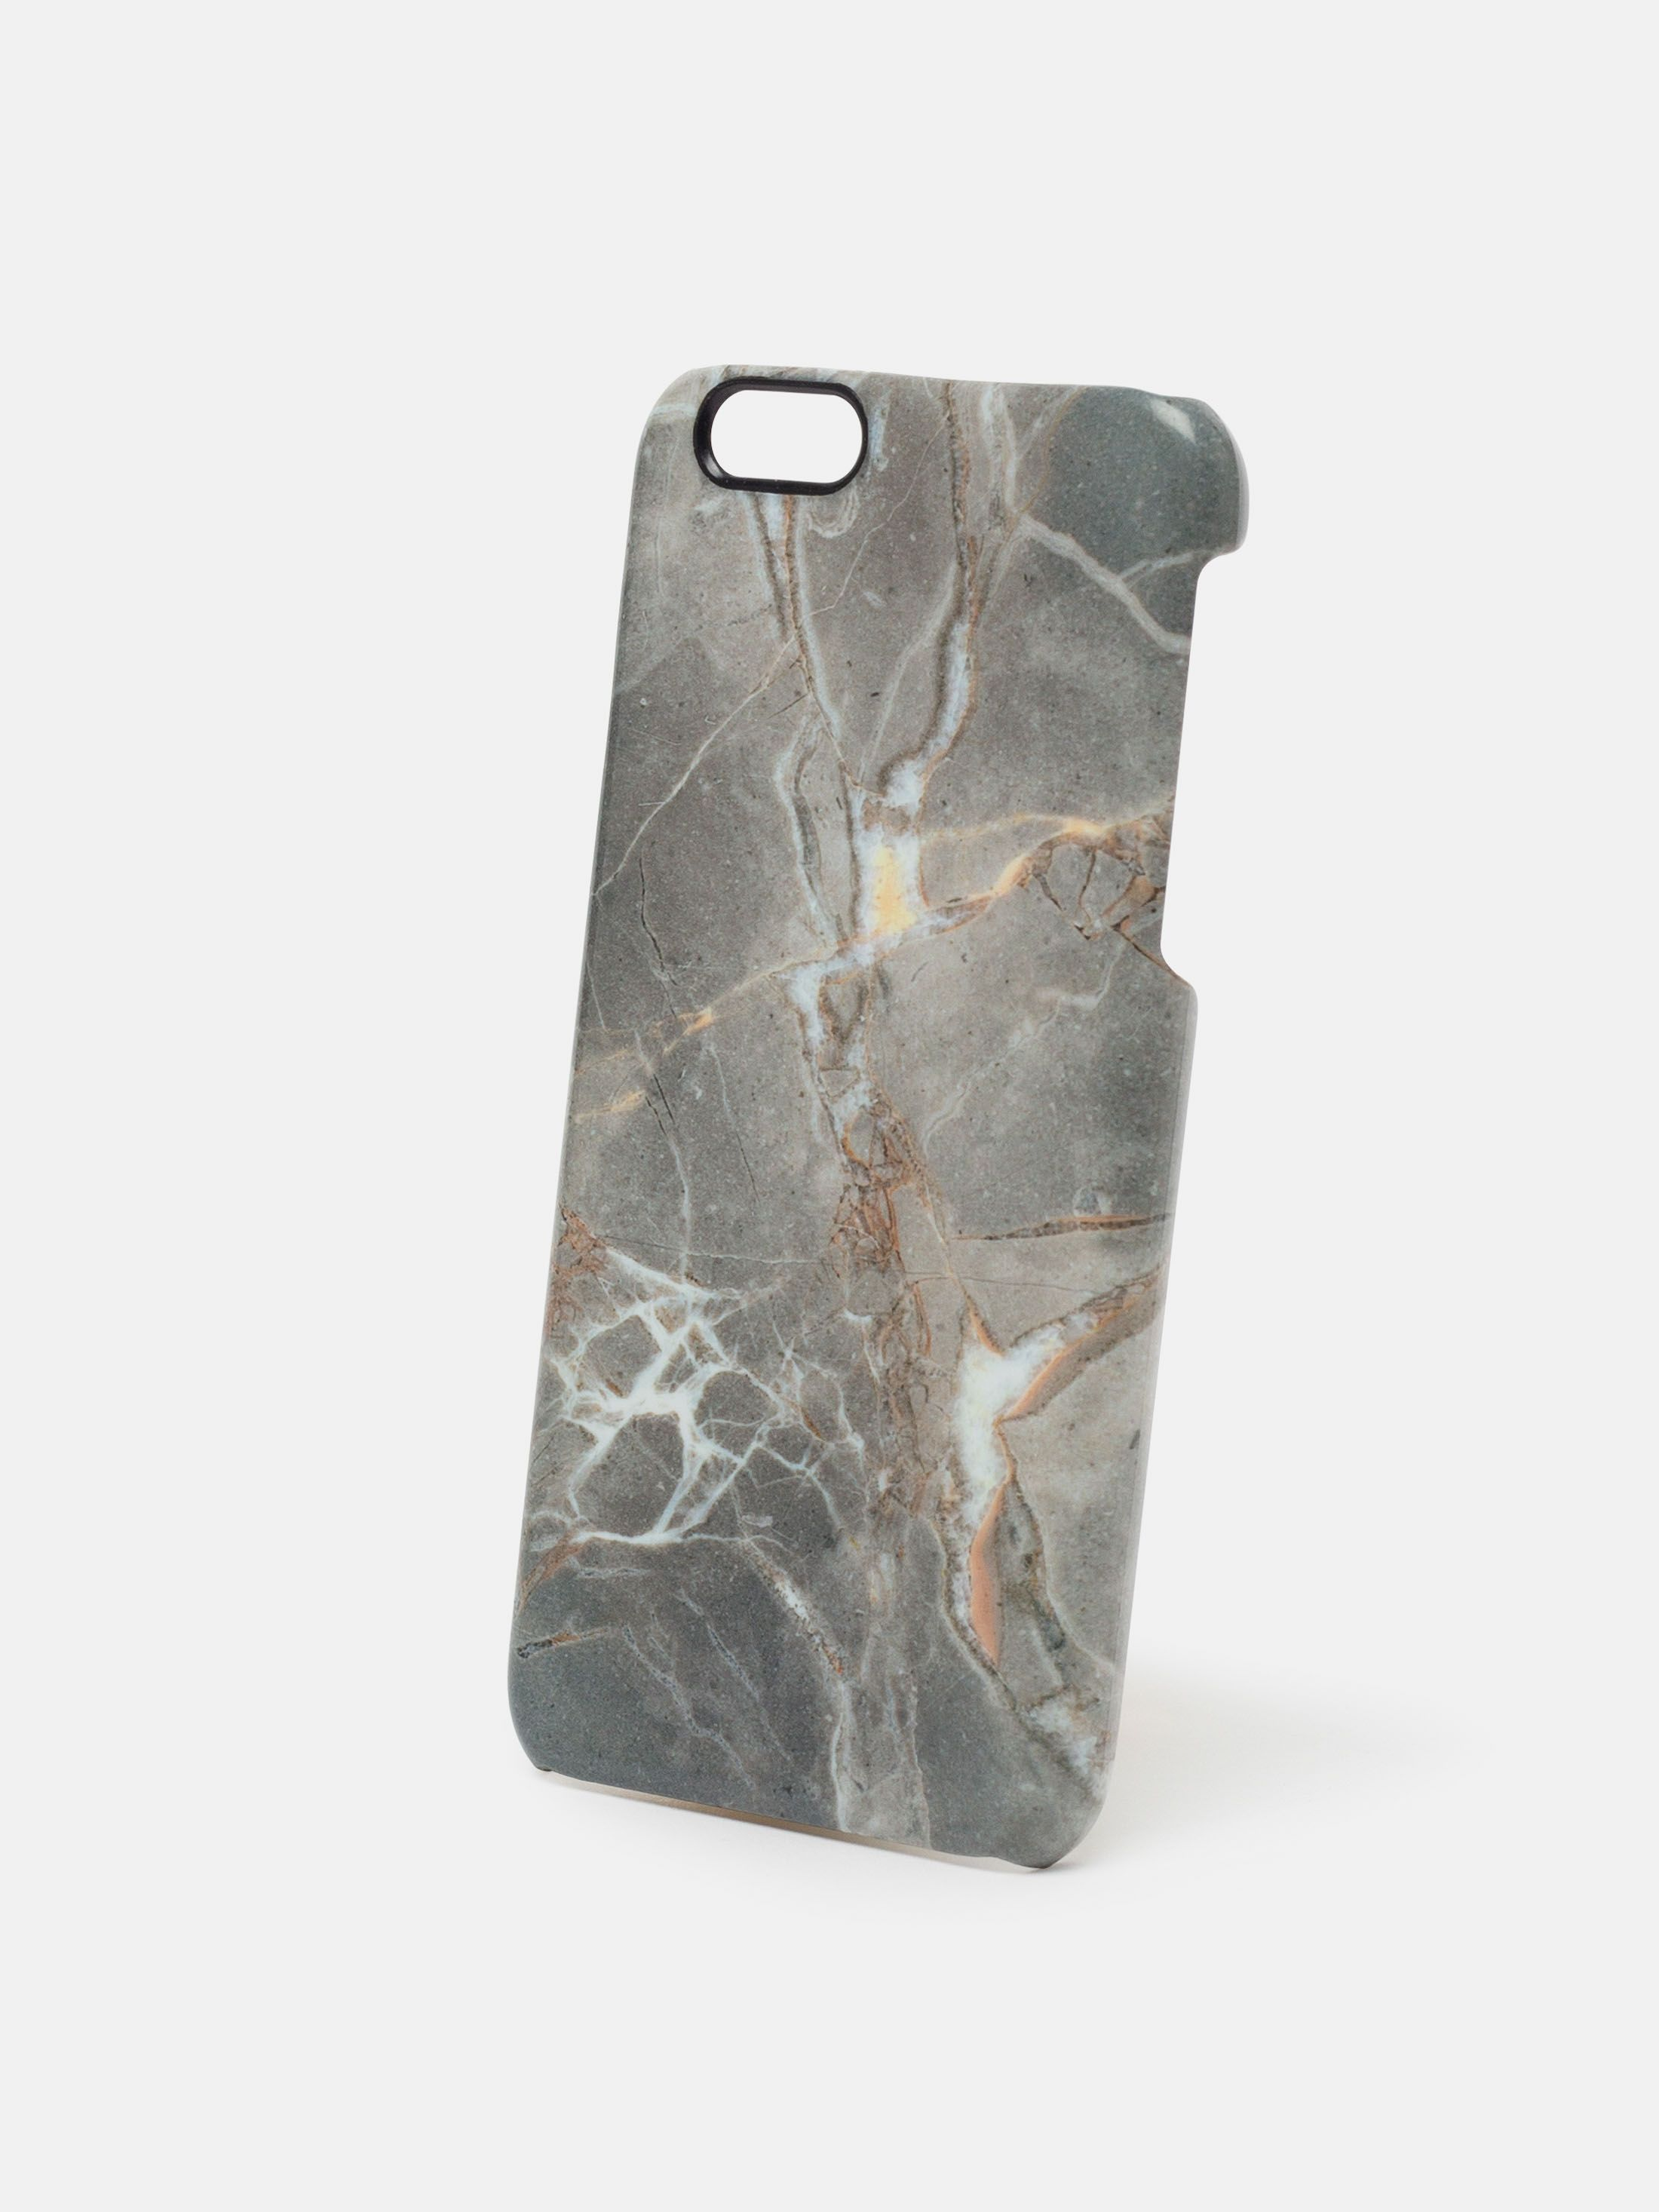 custom Iphone 6 case